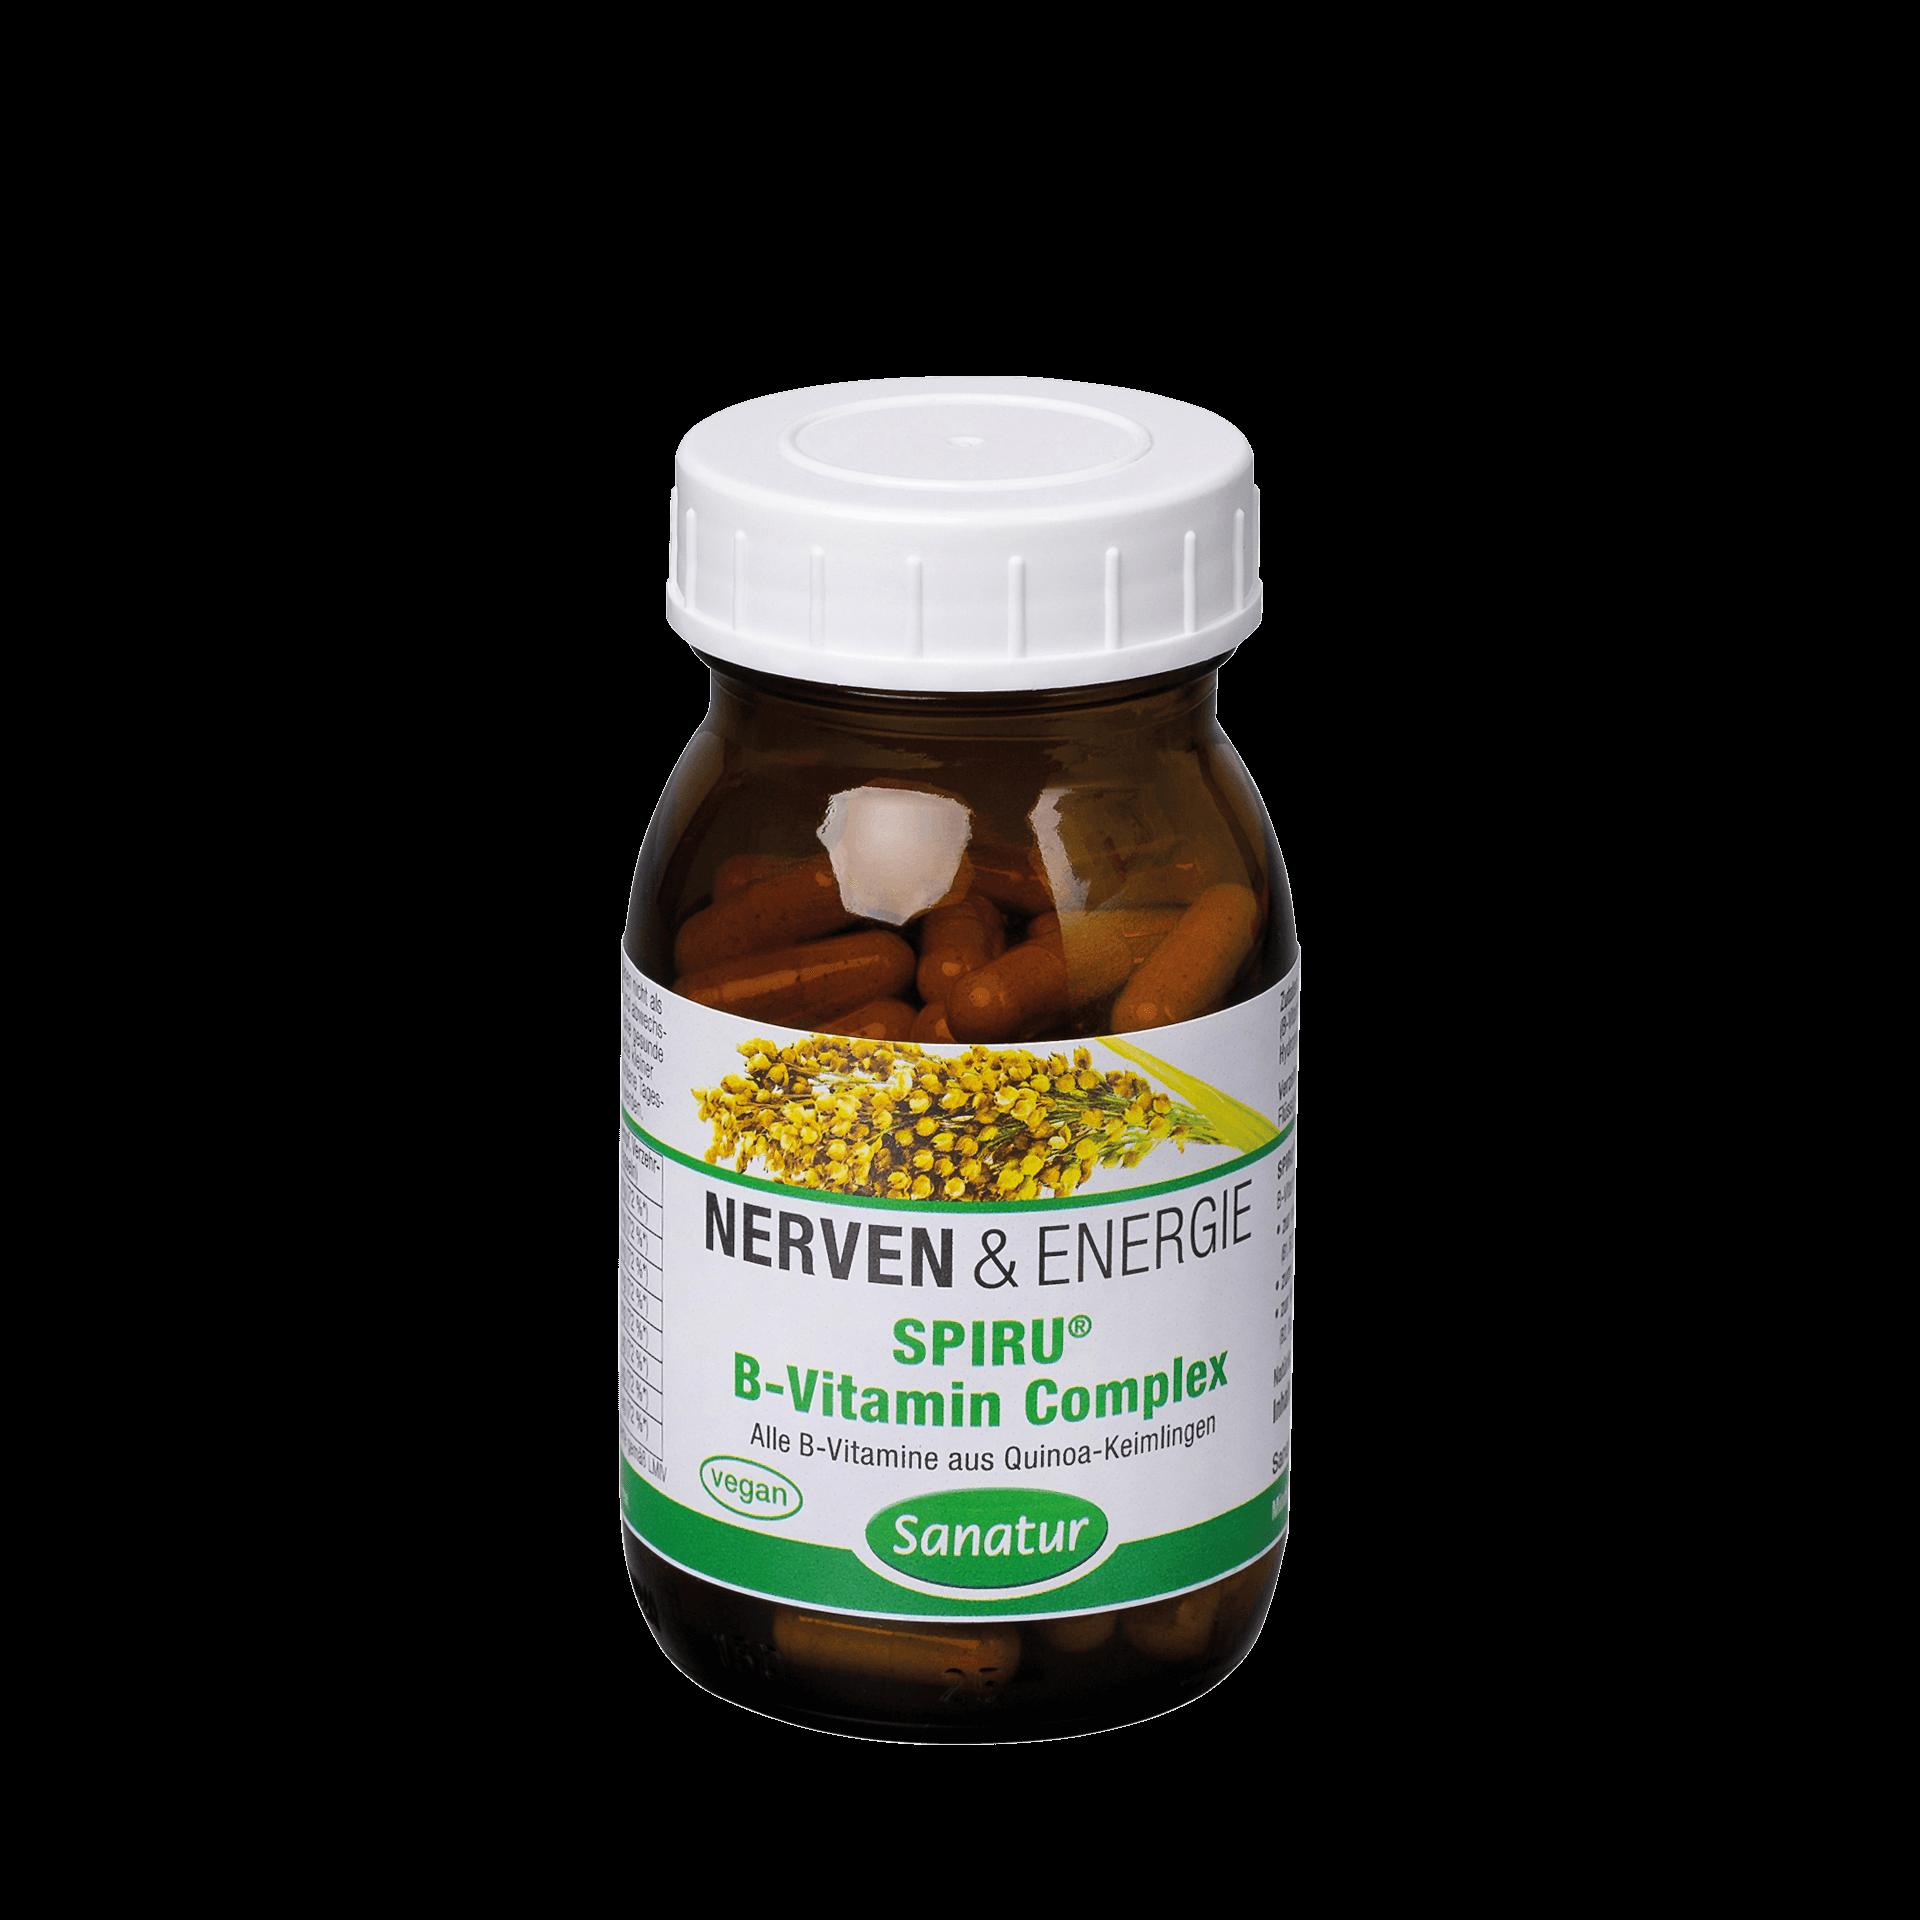 SPIRU® B-Vitamin Complex, 90 Kapseln